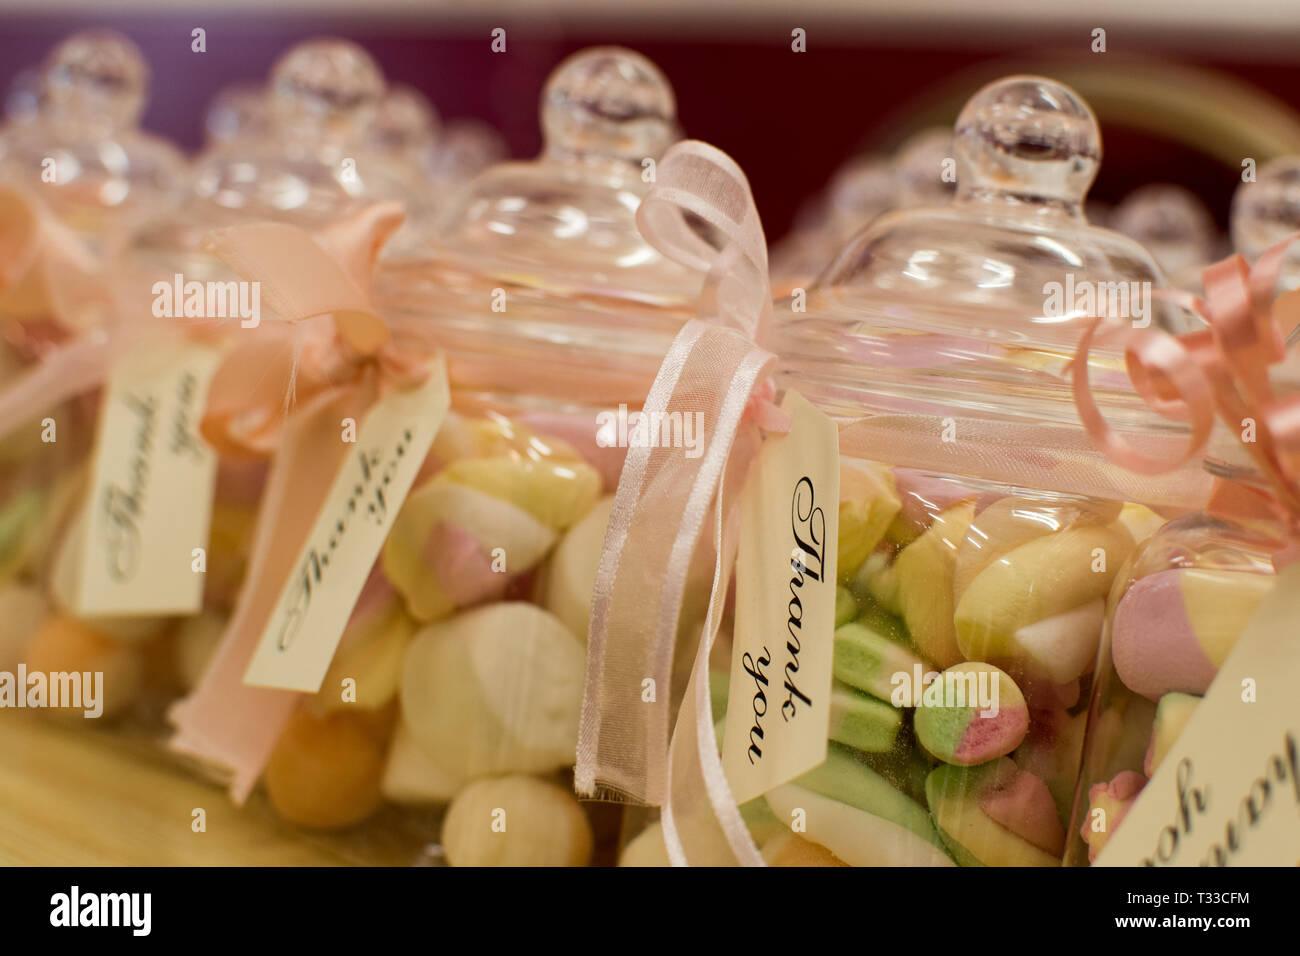 Bonbons guimauve dans un pot avec message de remerciement qu'un anniversaire retour sweet treat Photo Stock